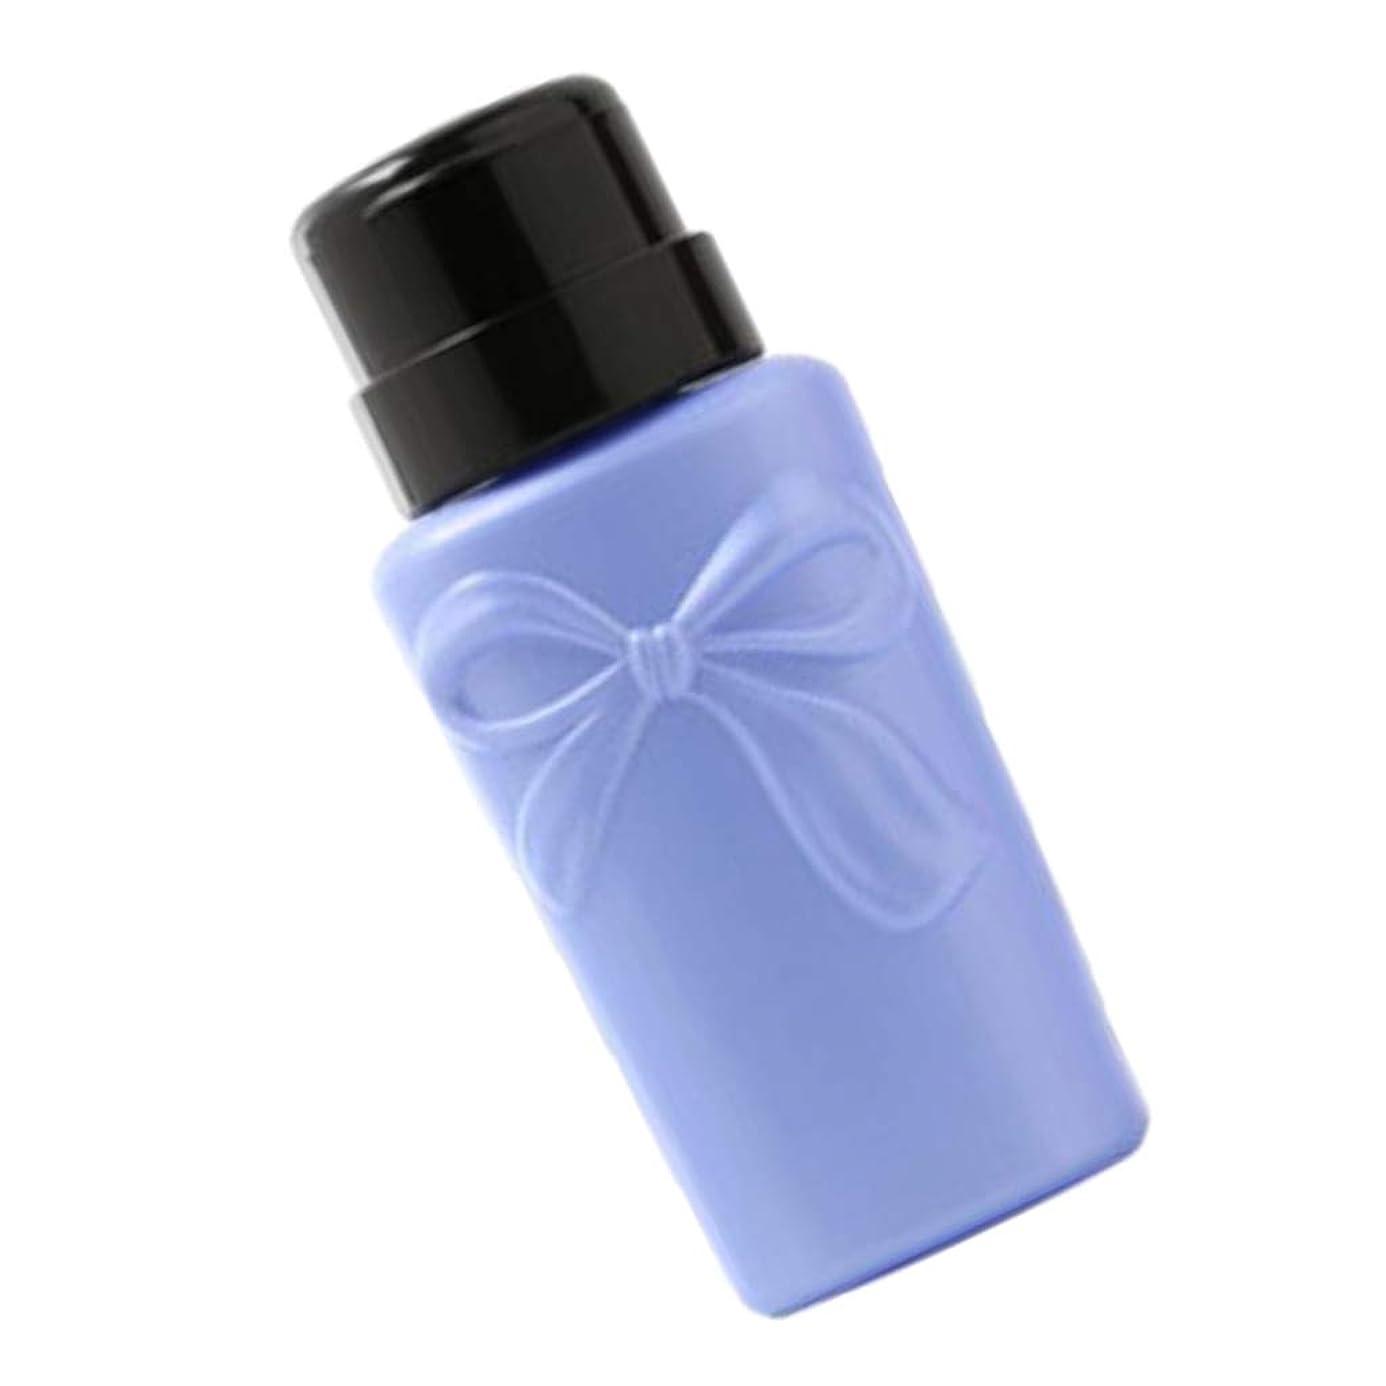 八百屋露想定するB Blesiya 2カラー ネイルポリッシュリムーバー ポンプボトル プッシュボトル 230ミリリットル - ブルー